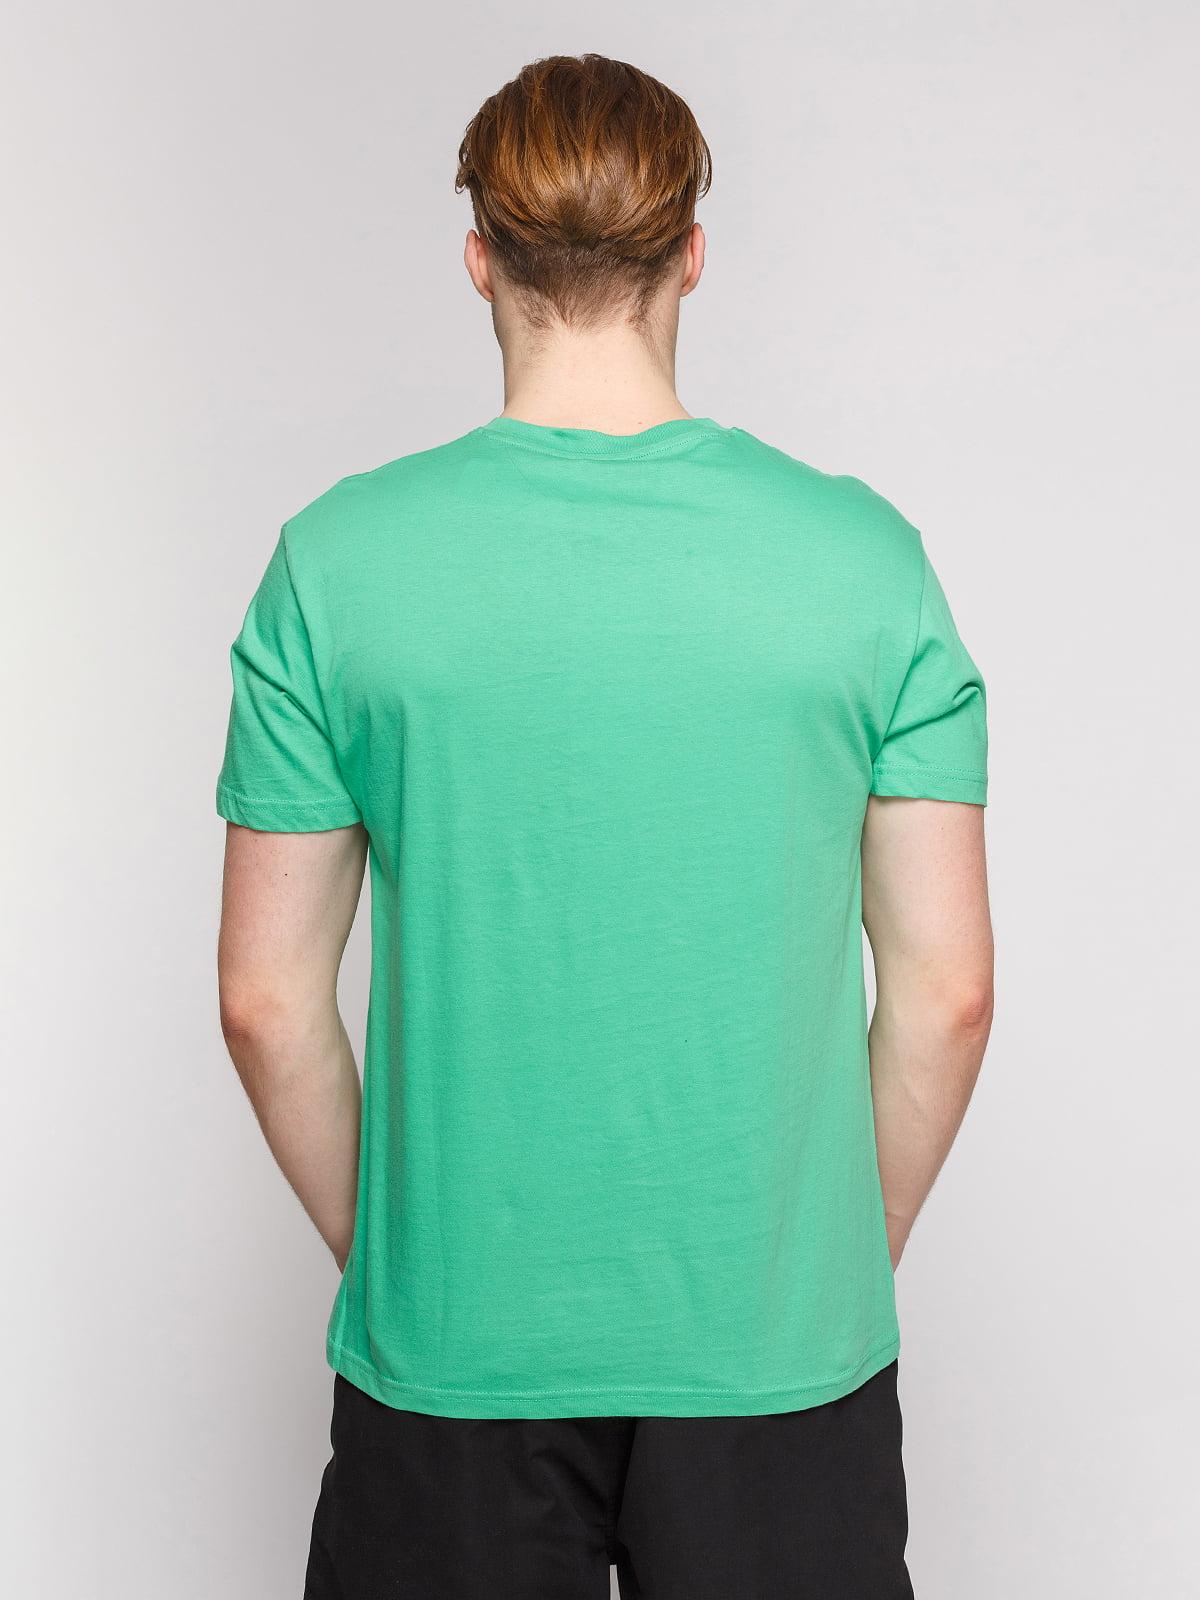 Футболка світло-зелена з принтом | 4854977 | фото 2